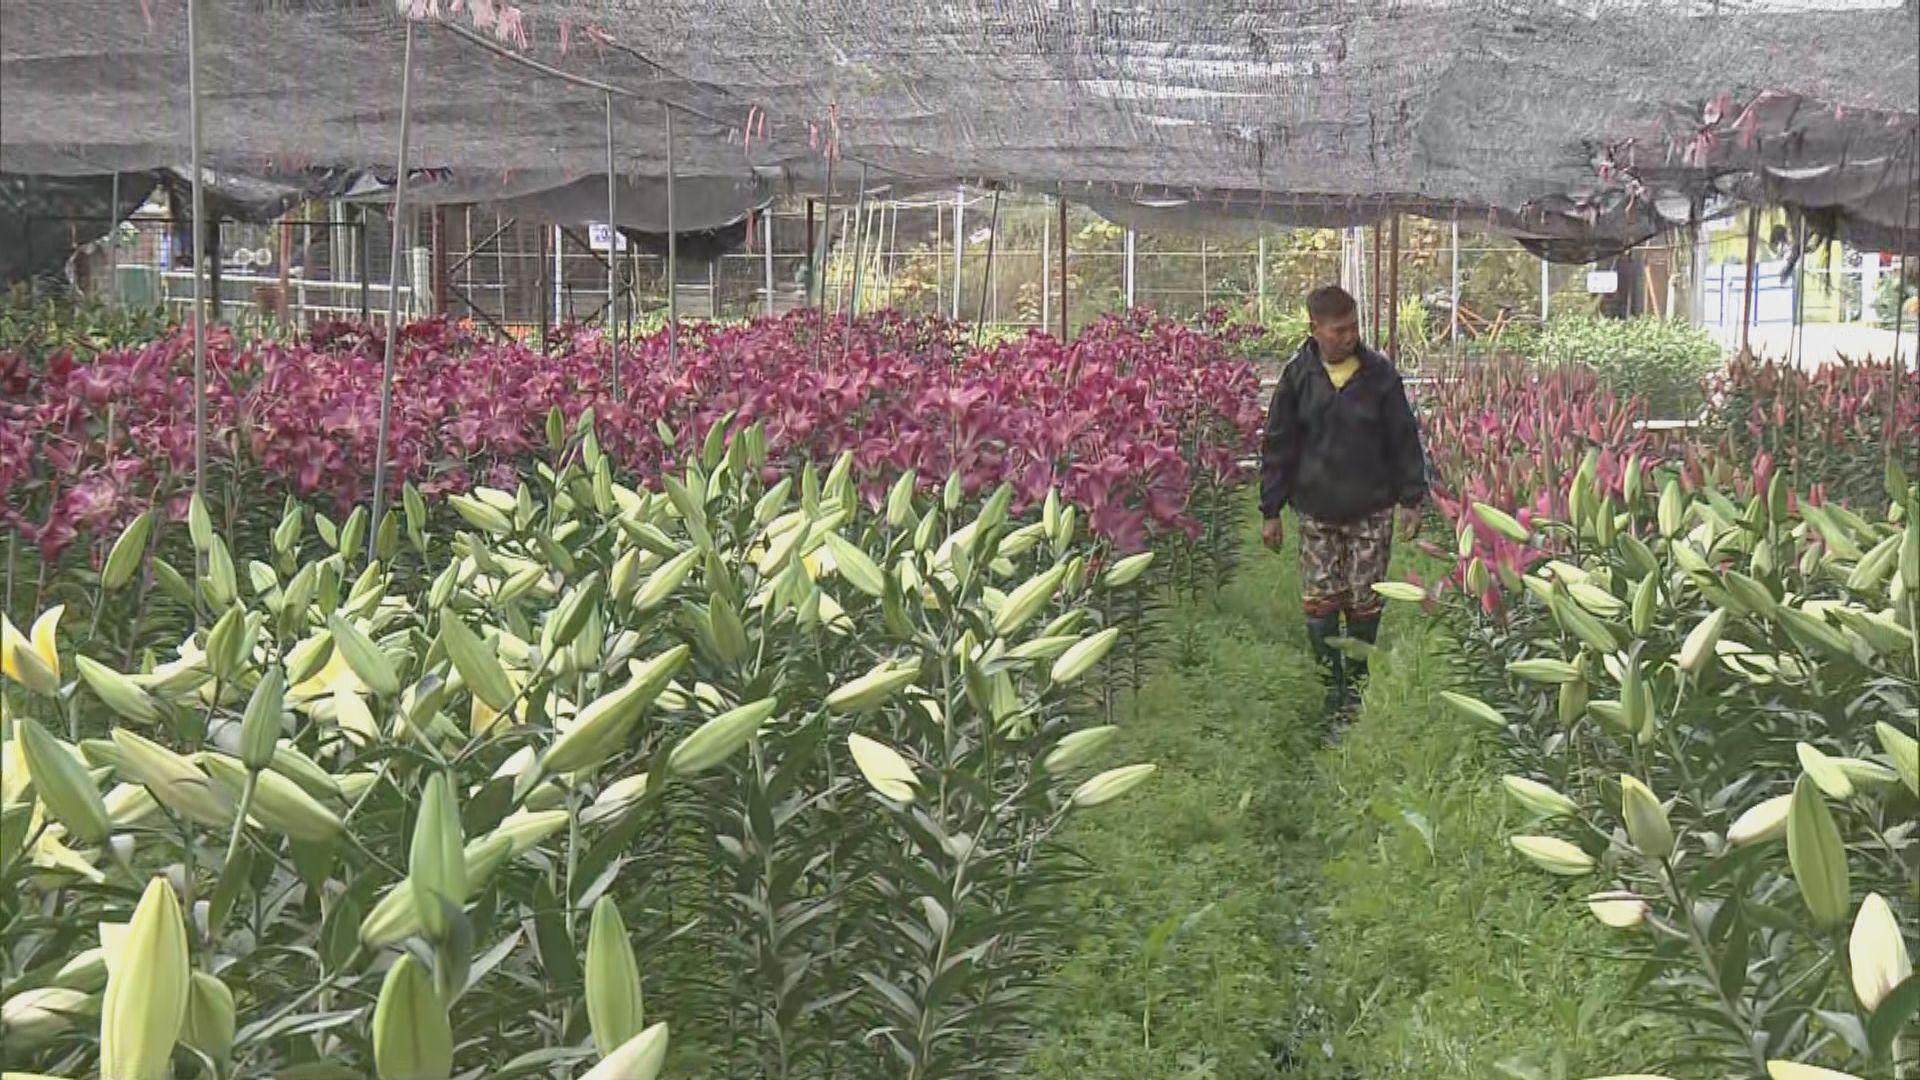 花巿重開但批發市場仍取消 有花農開放農場予市民買花